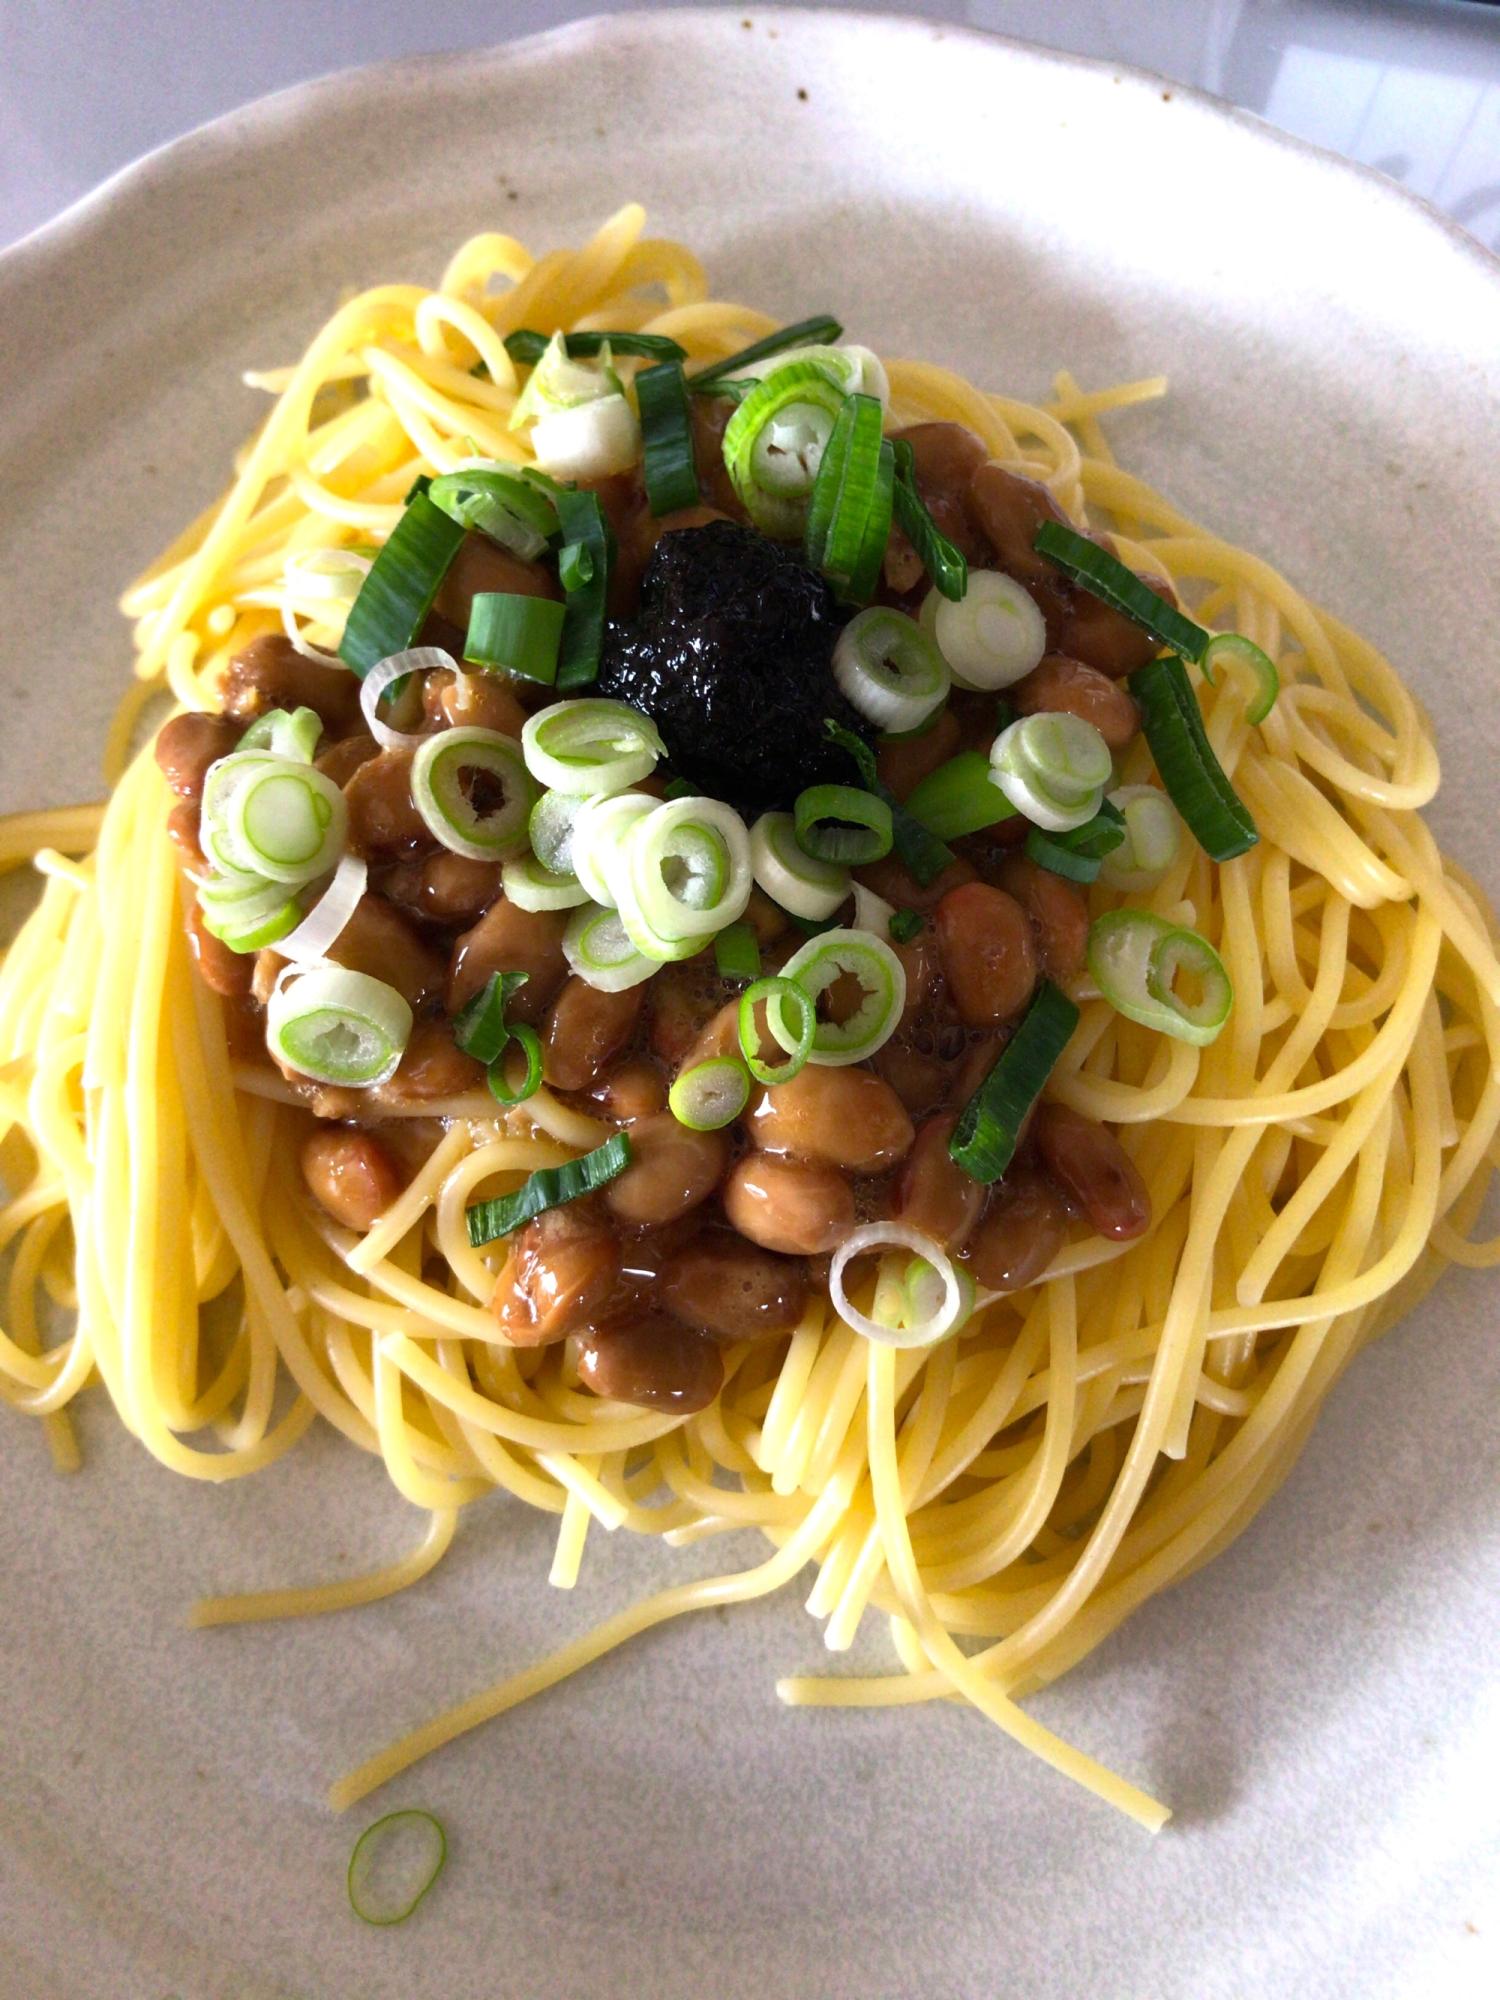 12. 海苔佃煮と納豆のパスタ